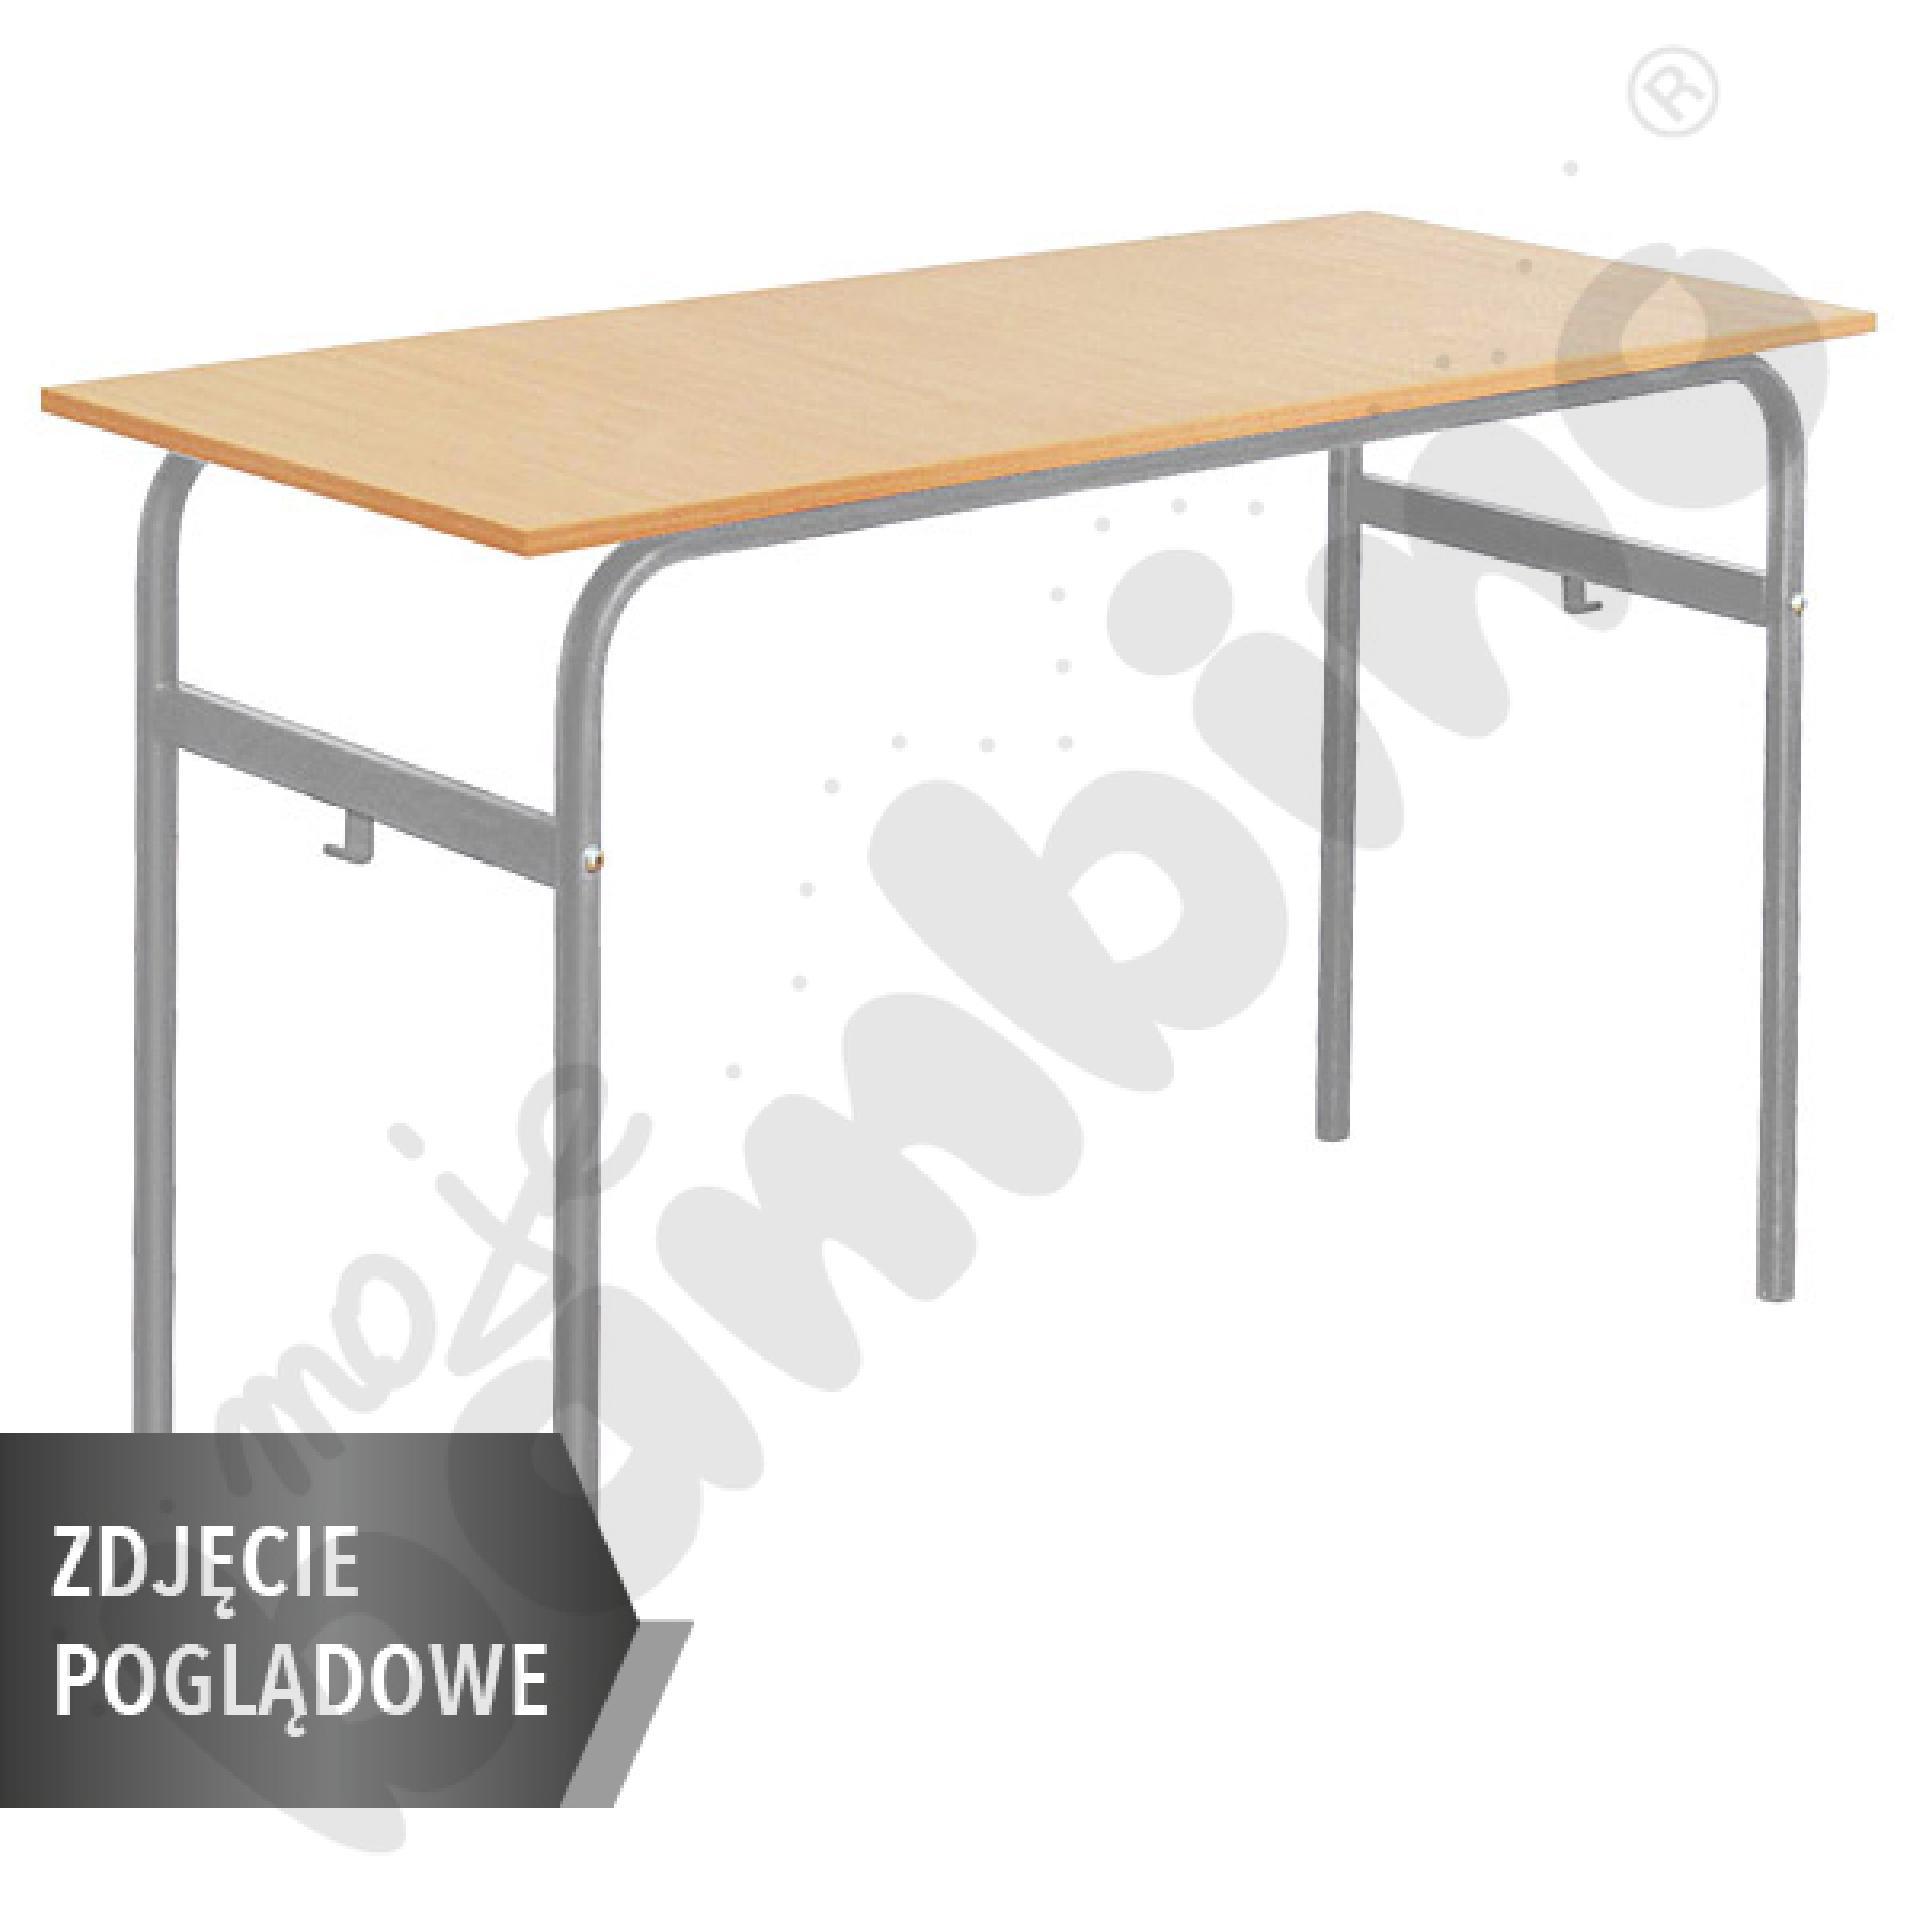 Stół Daniel 130x50 rozm. 4-6, 2os., stelaż czerwony, blat klon, obrzeże ABS, narożniki proste